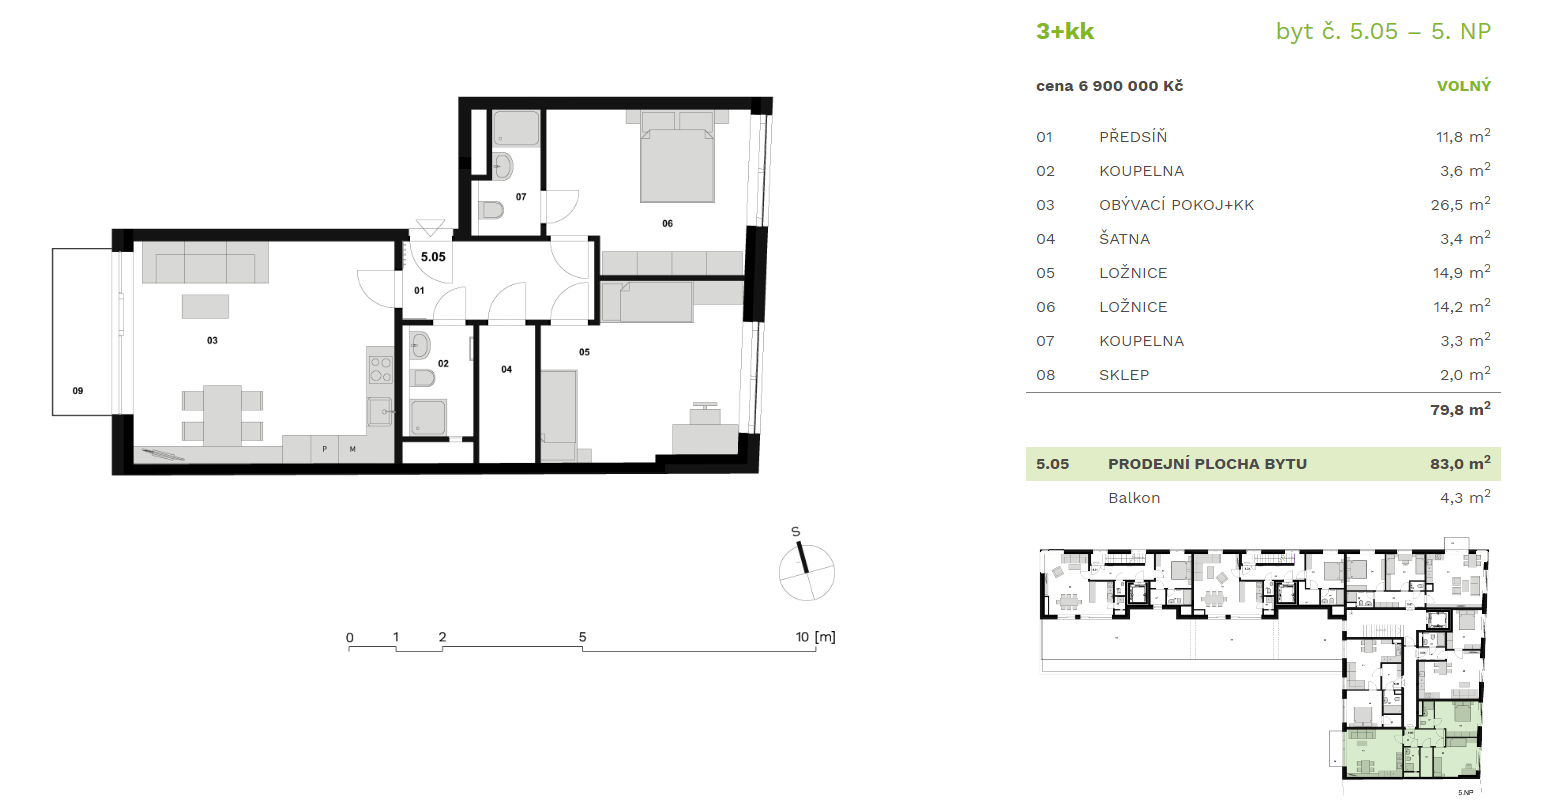 Жилой дом «Приматорска» ID 1073